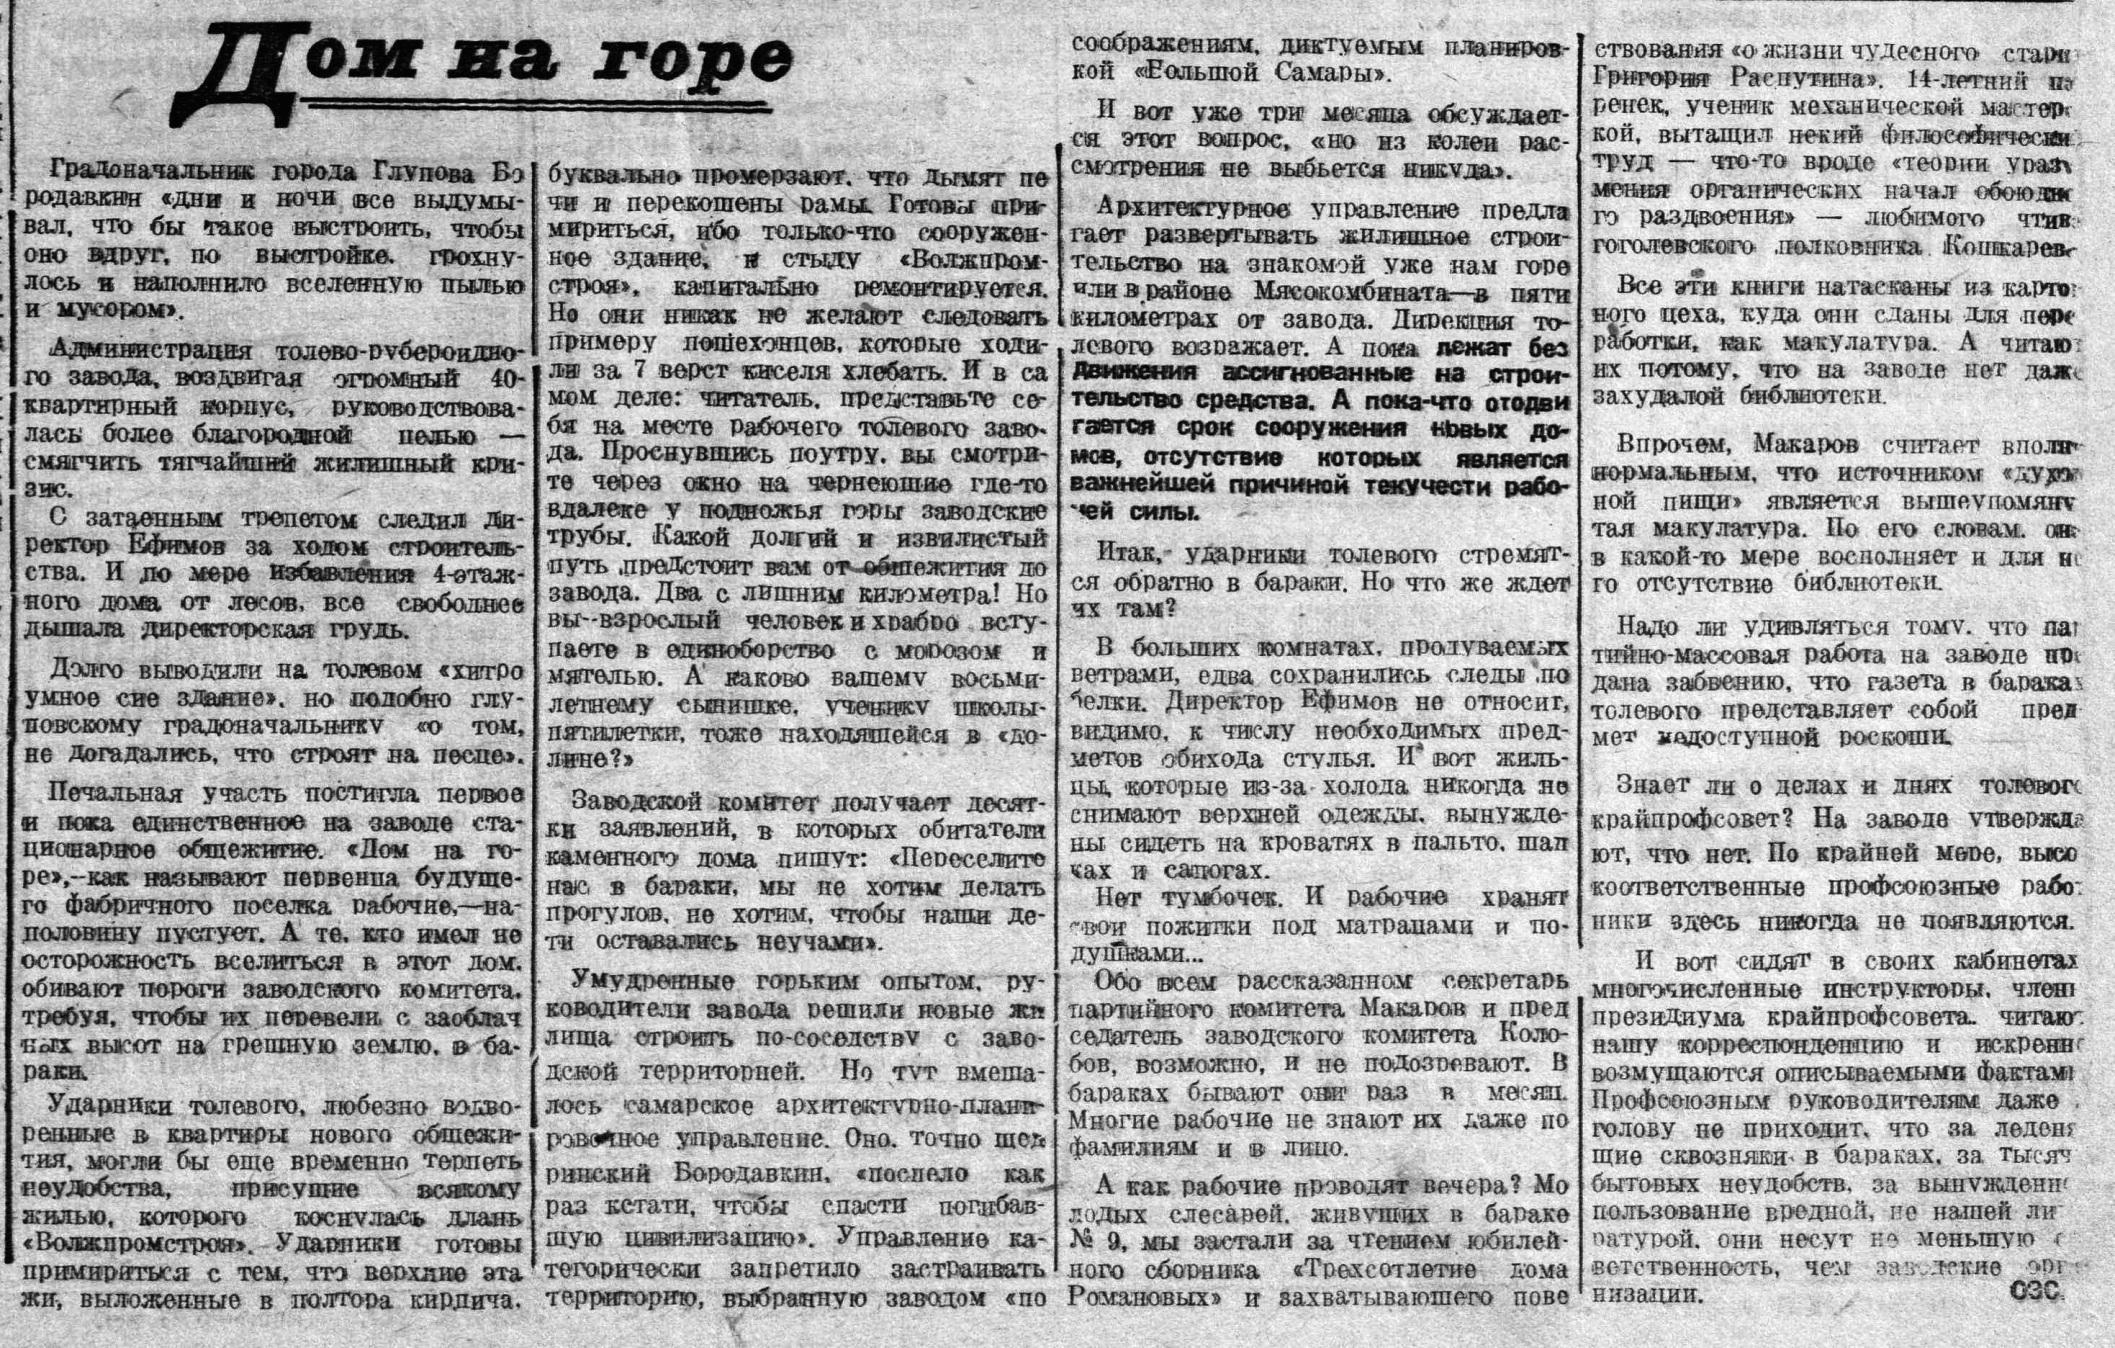 Партизанская-ФОТО-08-ВКа-1934-12-15-проблемы дома на горе